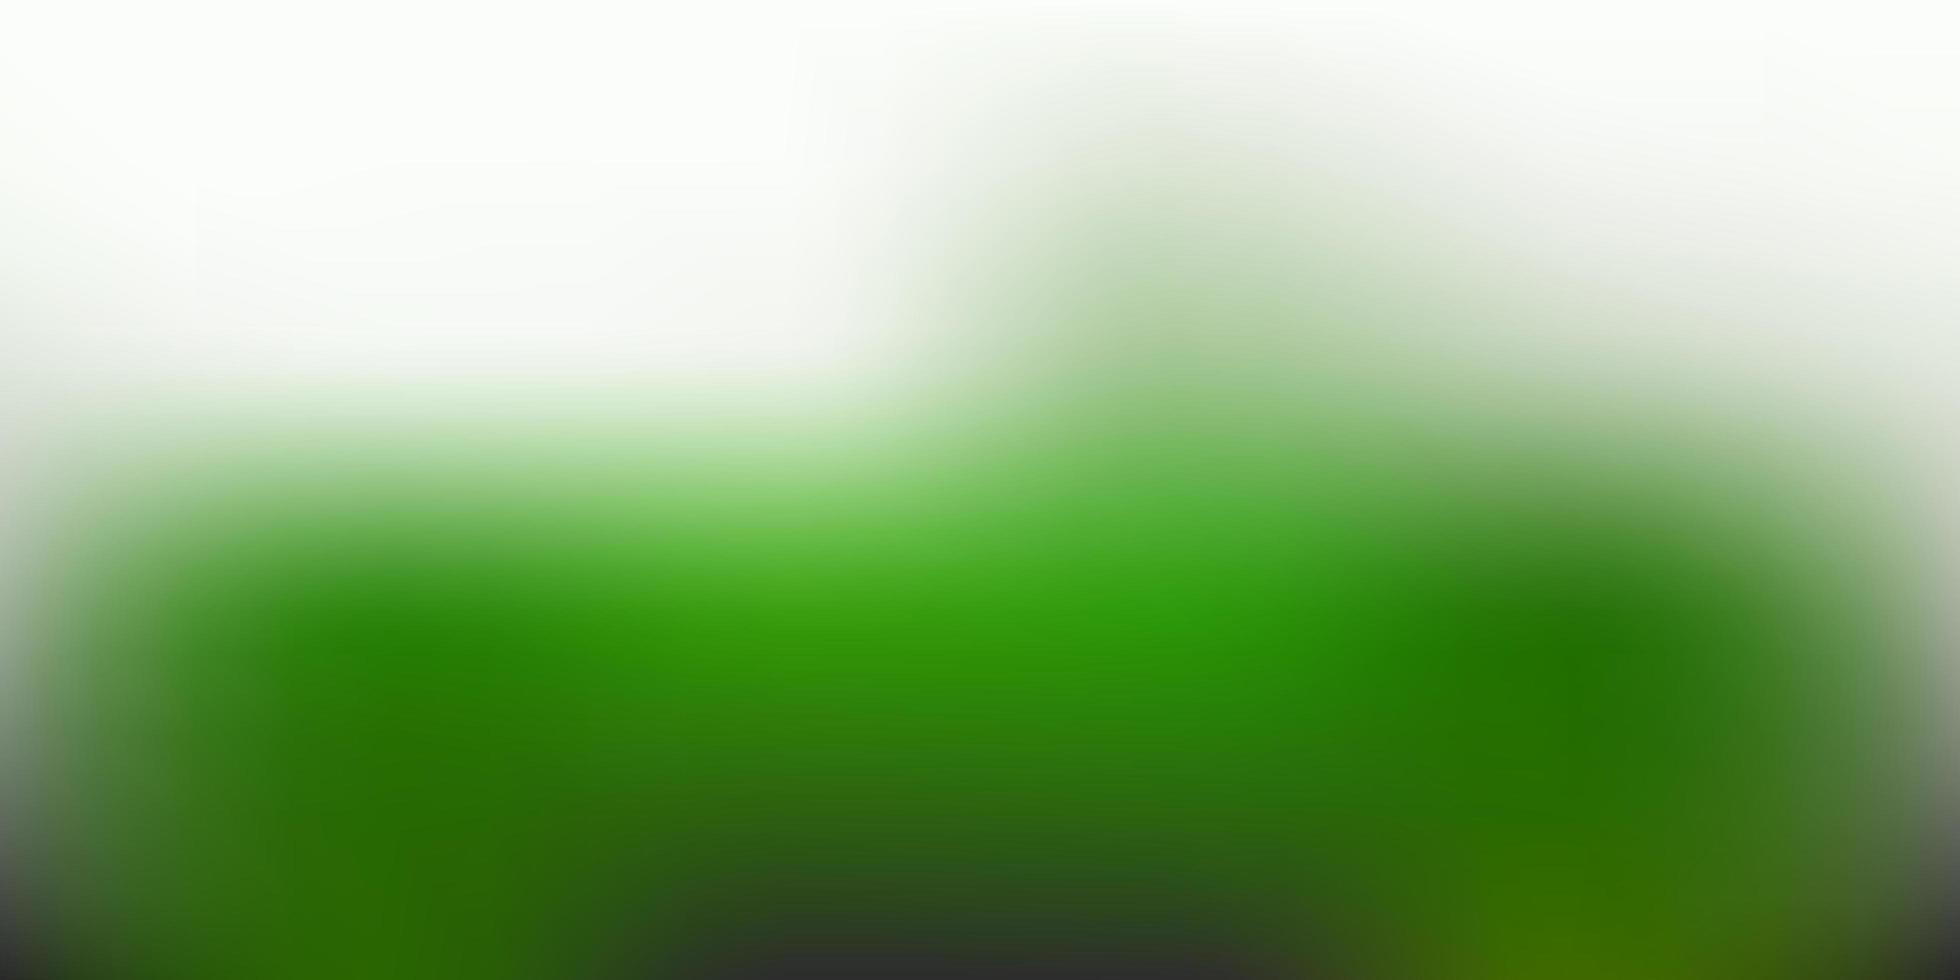 sfondo sfocatura astratta vettoriale verde scuro.